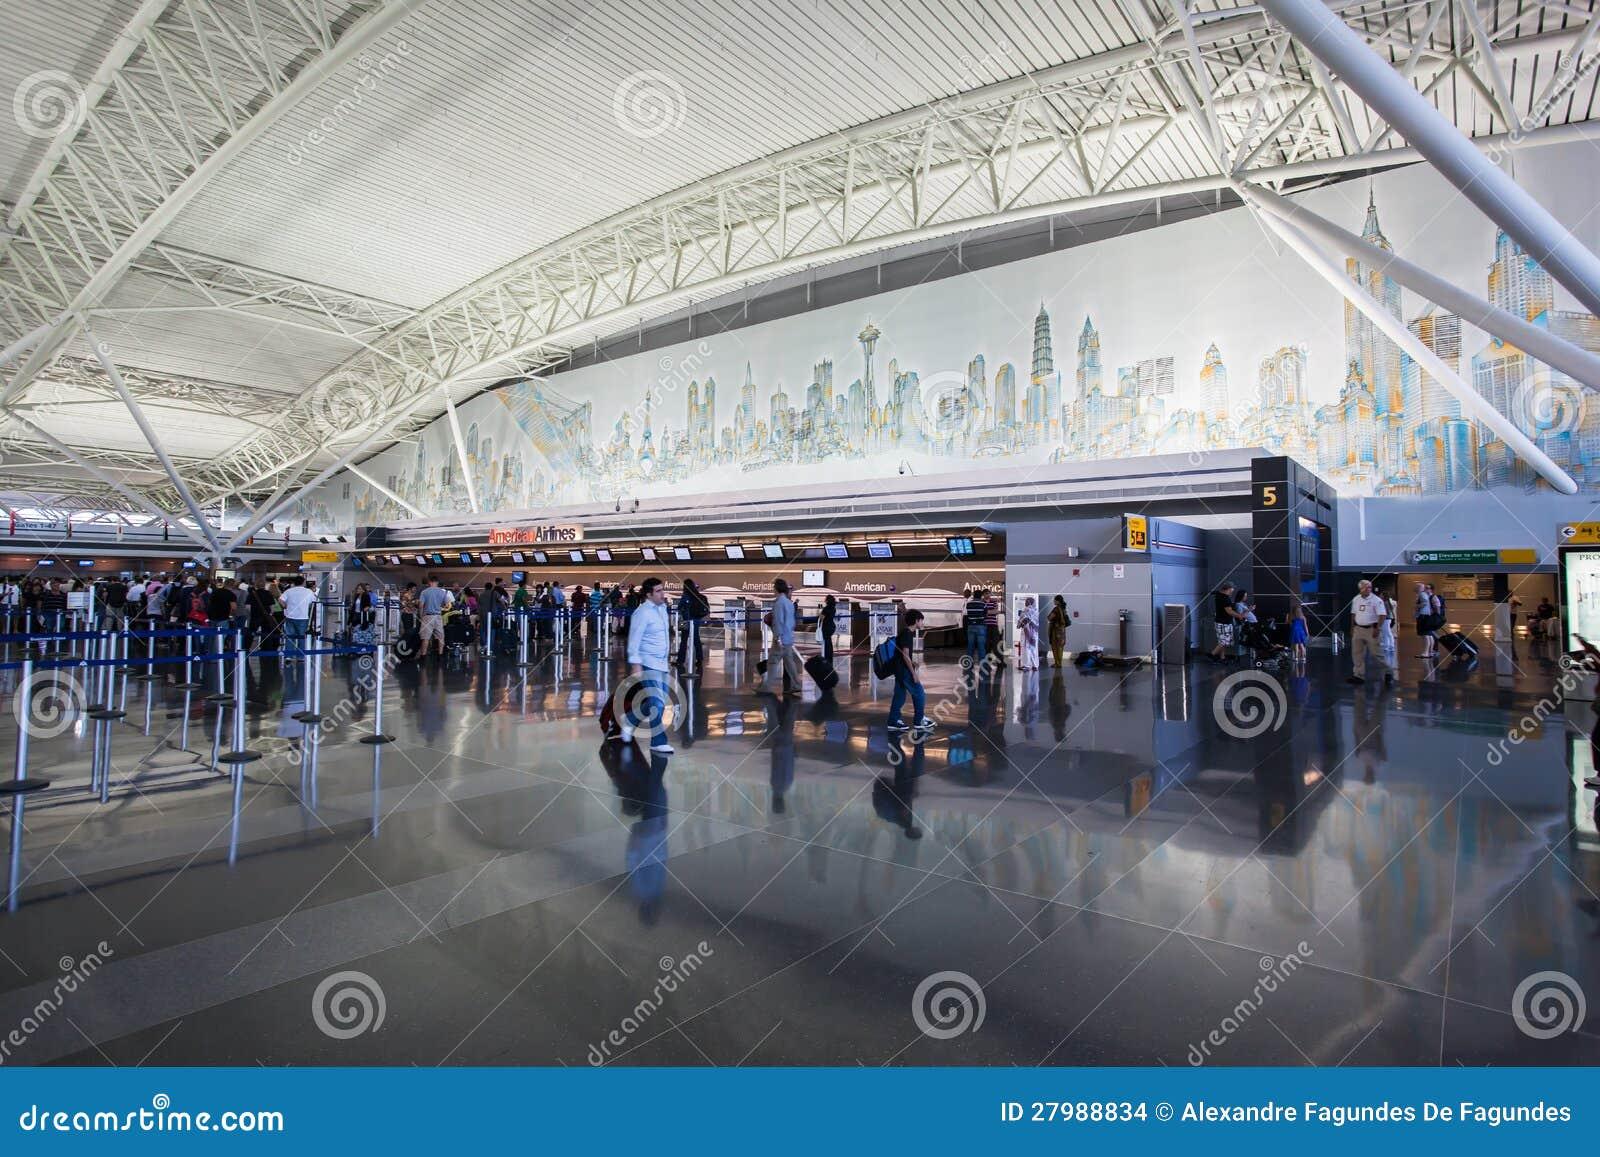 Aeroporto York : Aeroporto new york city de jfk imagem de stock editorial imagem de